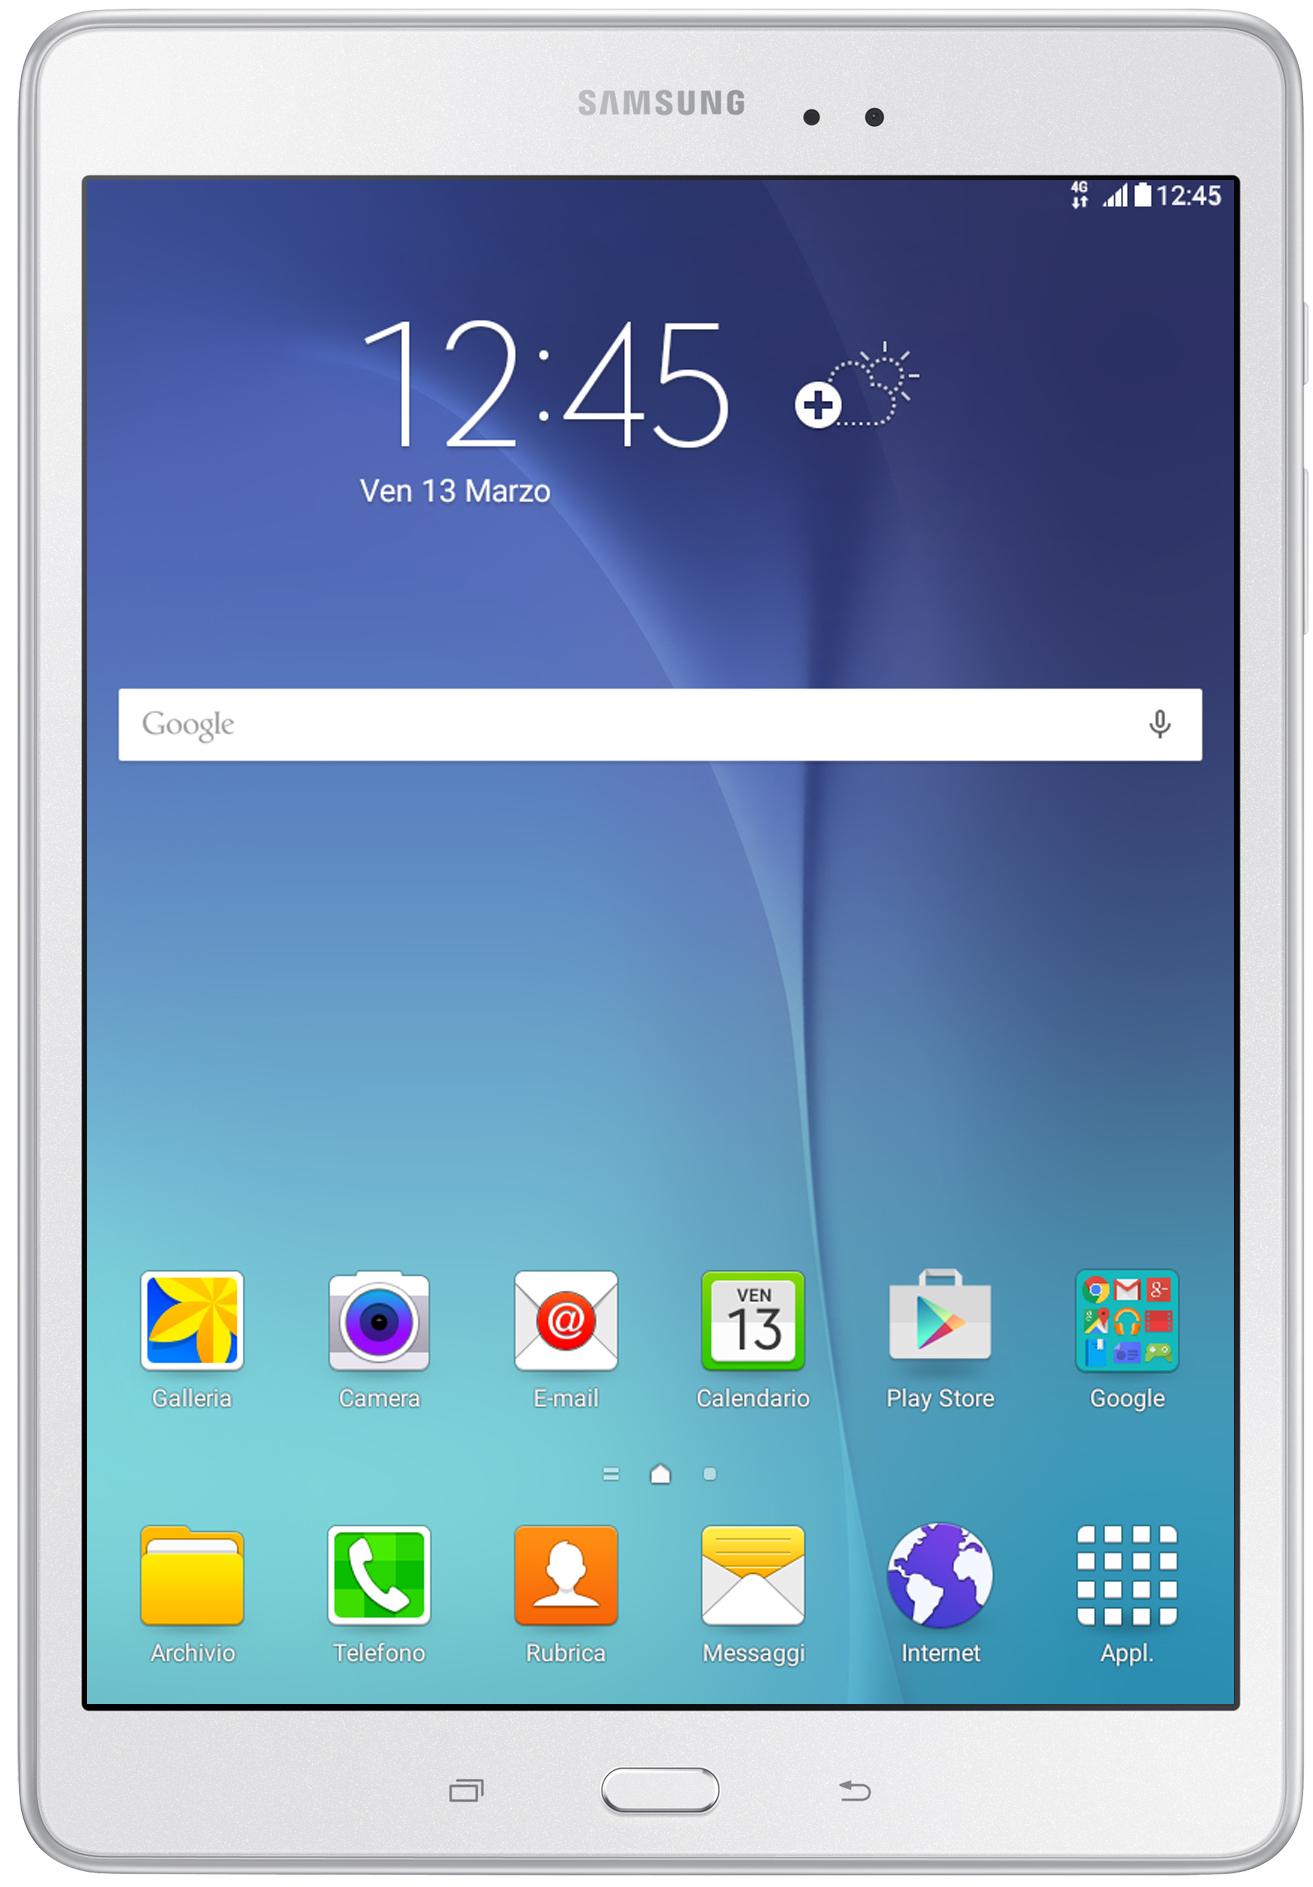 Offerta Samsung Galaxy Tab A 9.7 4G su TrovaUsati.it